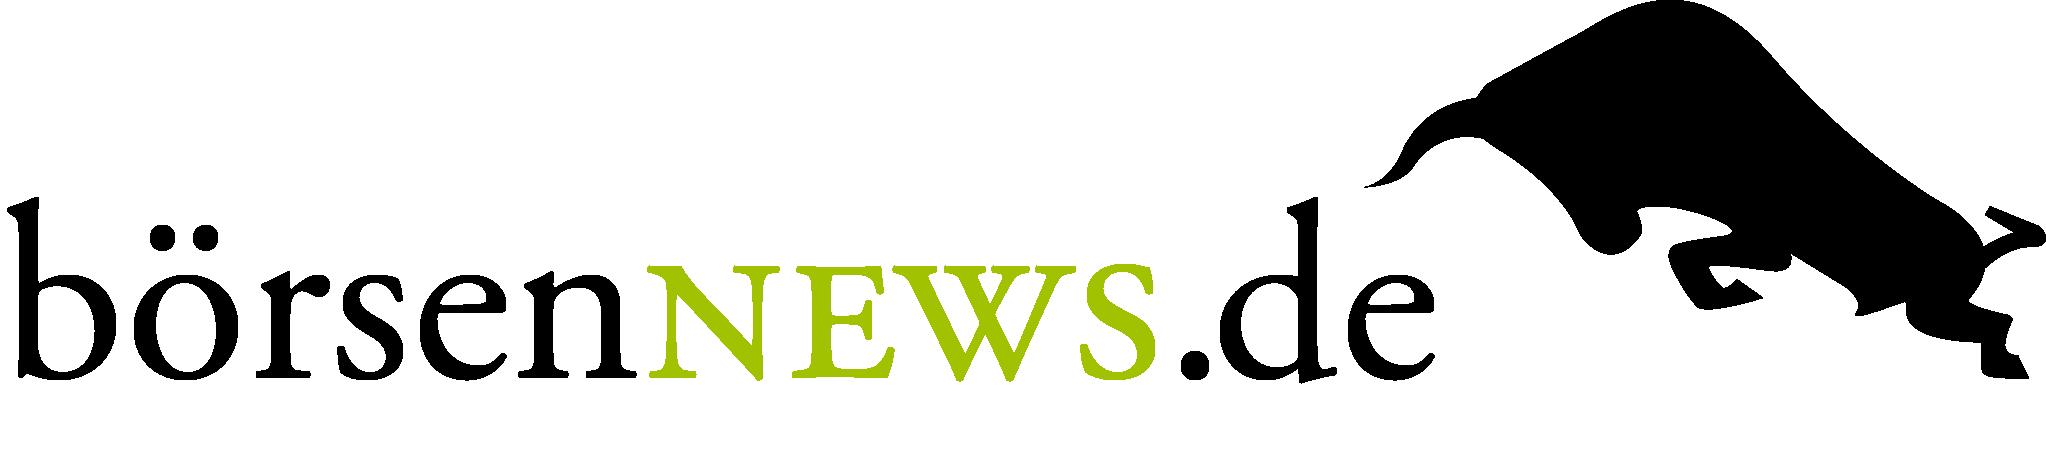 Logo boersenews.de